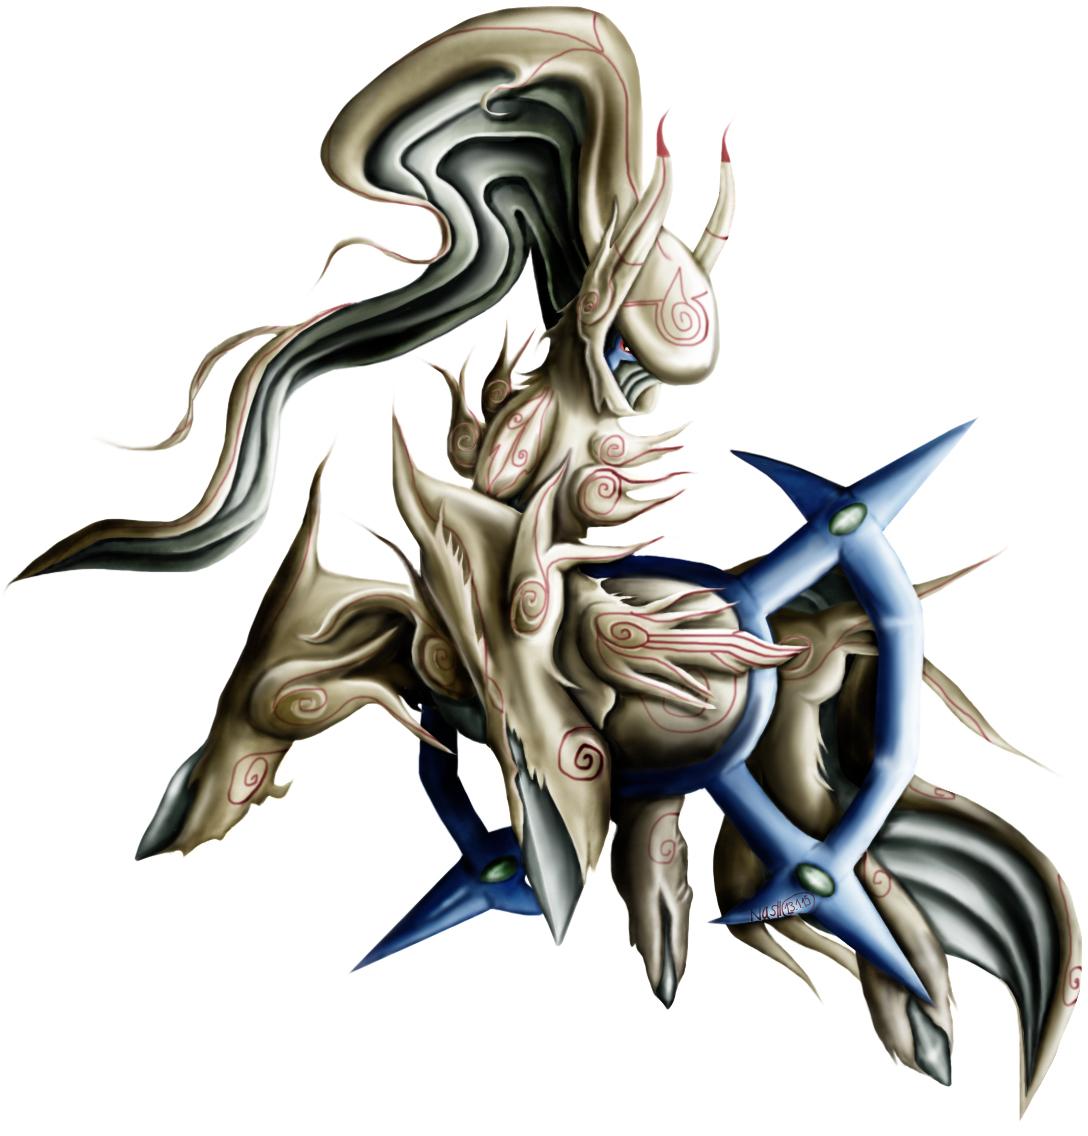 Pokémon-Zeichnung: Remake